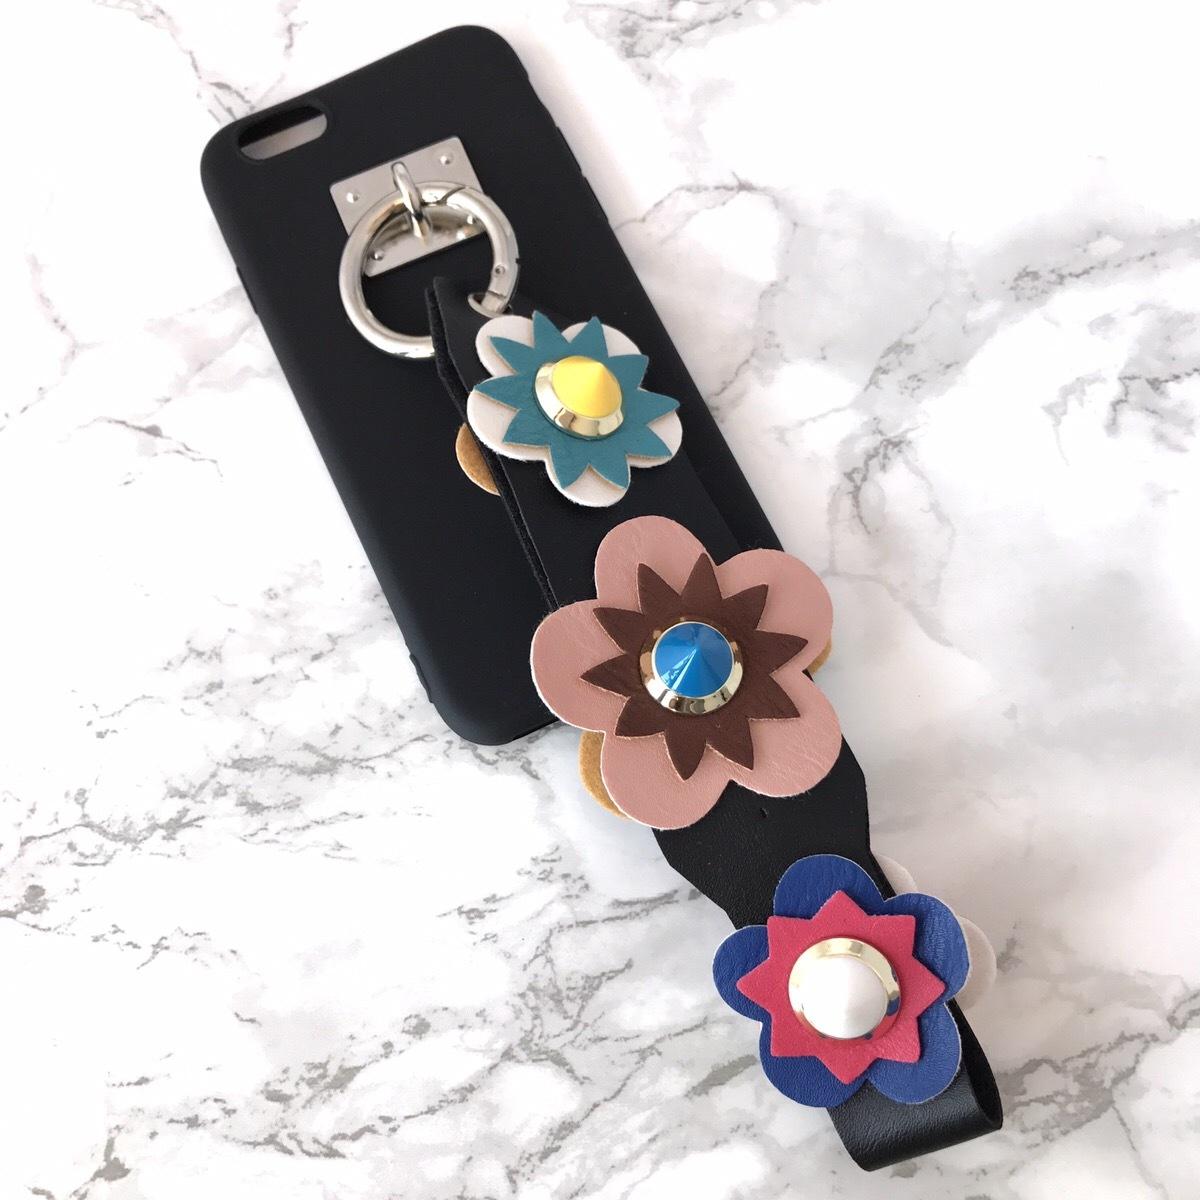 【即納★送料無料】ブラックソフトケース&お花フラワーのスタッズ ストラップ付 iPhoneケース